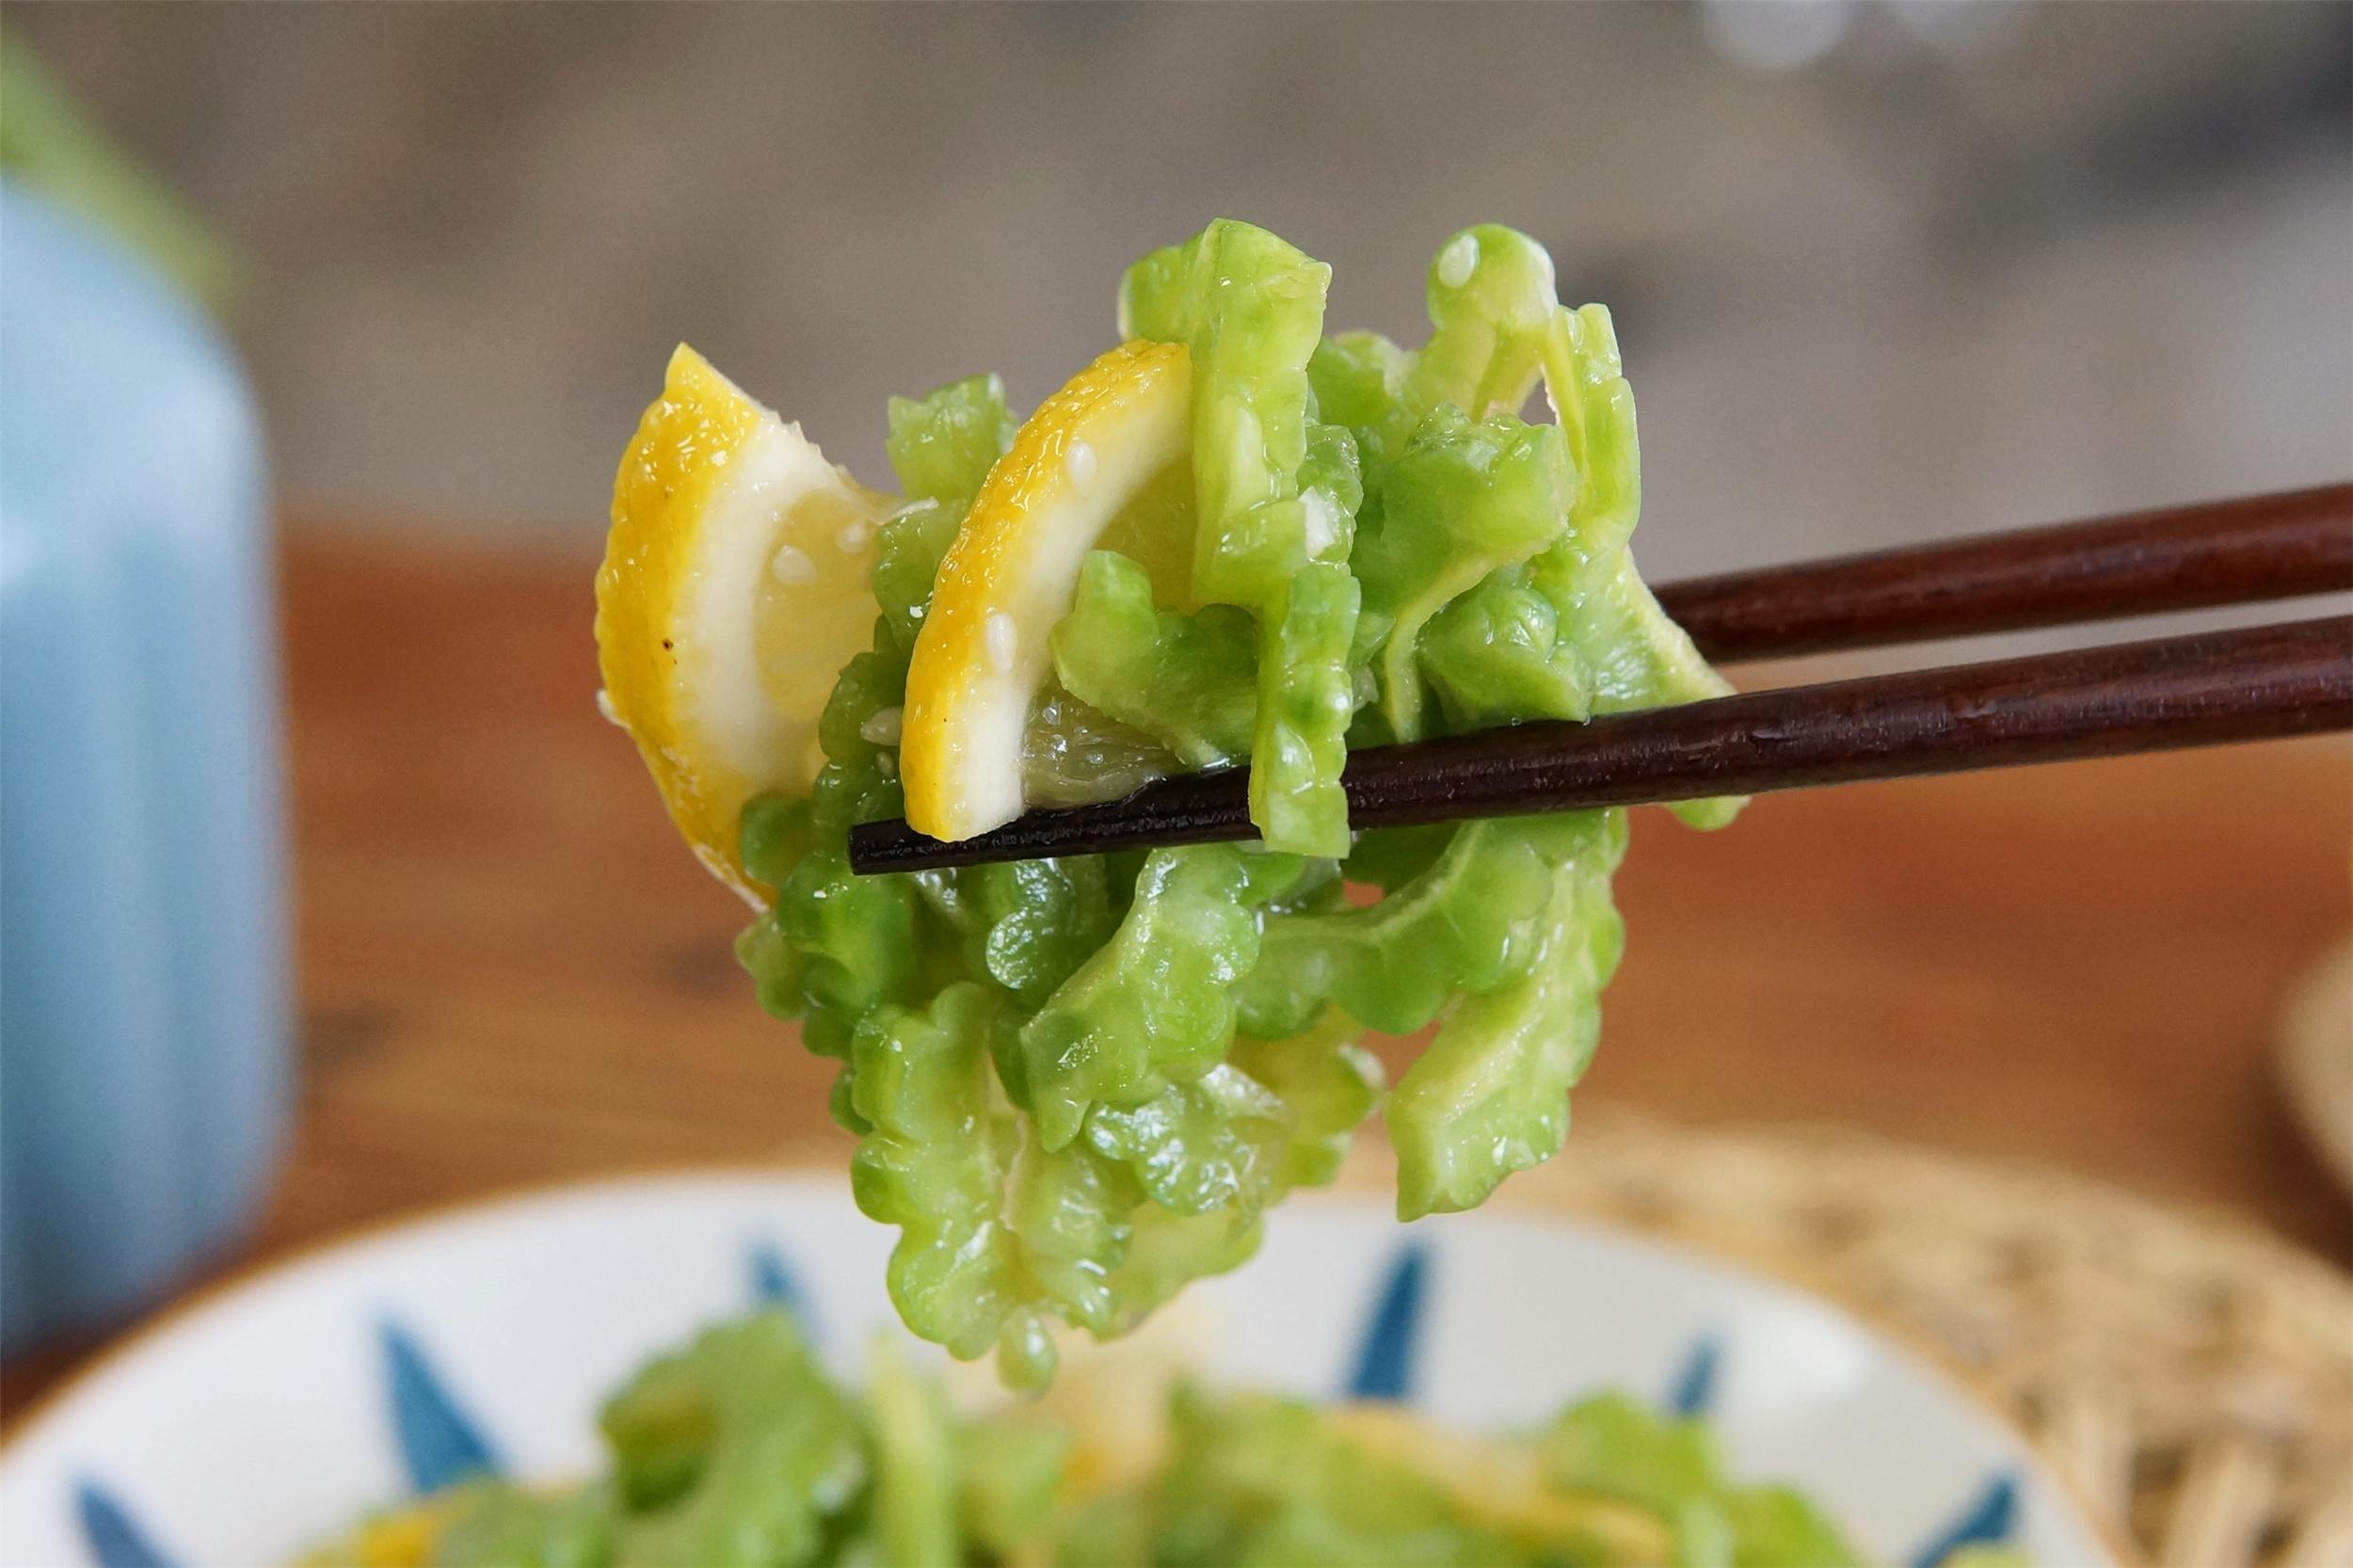 夏天,苦瓜和柠檬是绝配,这样做酸甜可口,不用开火,省事又好吃